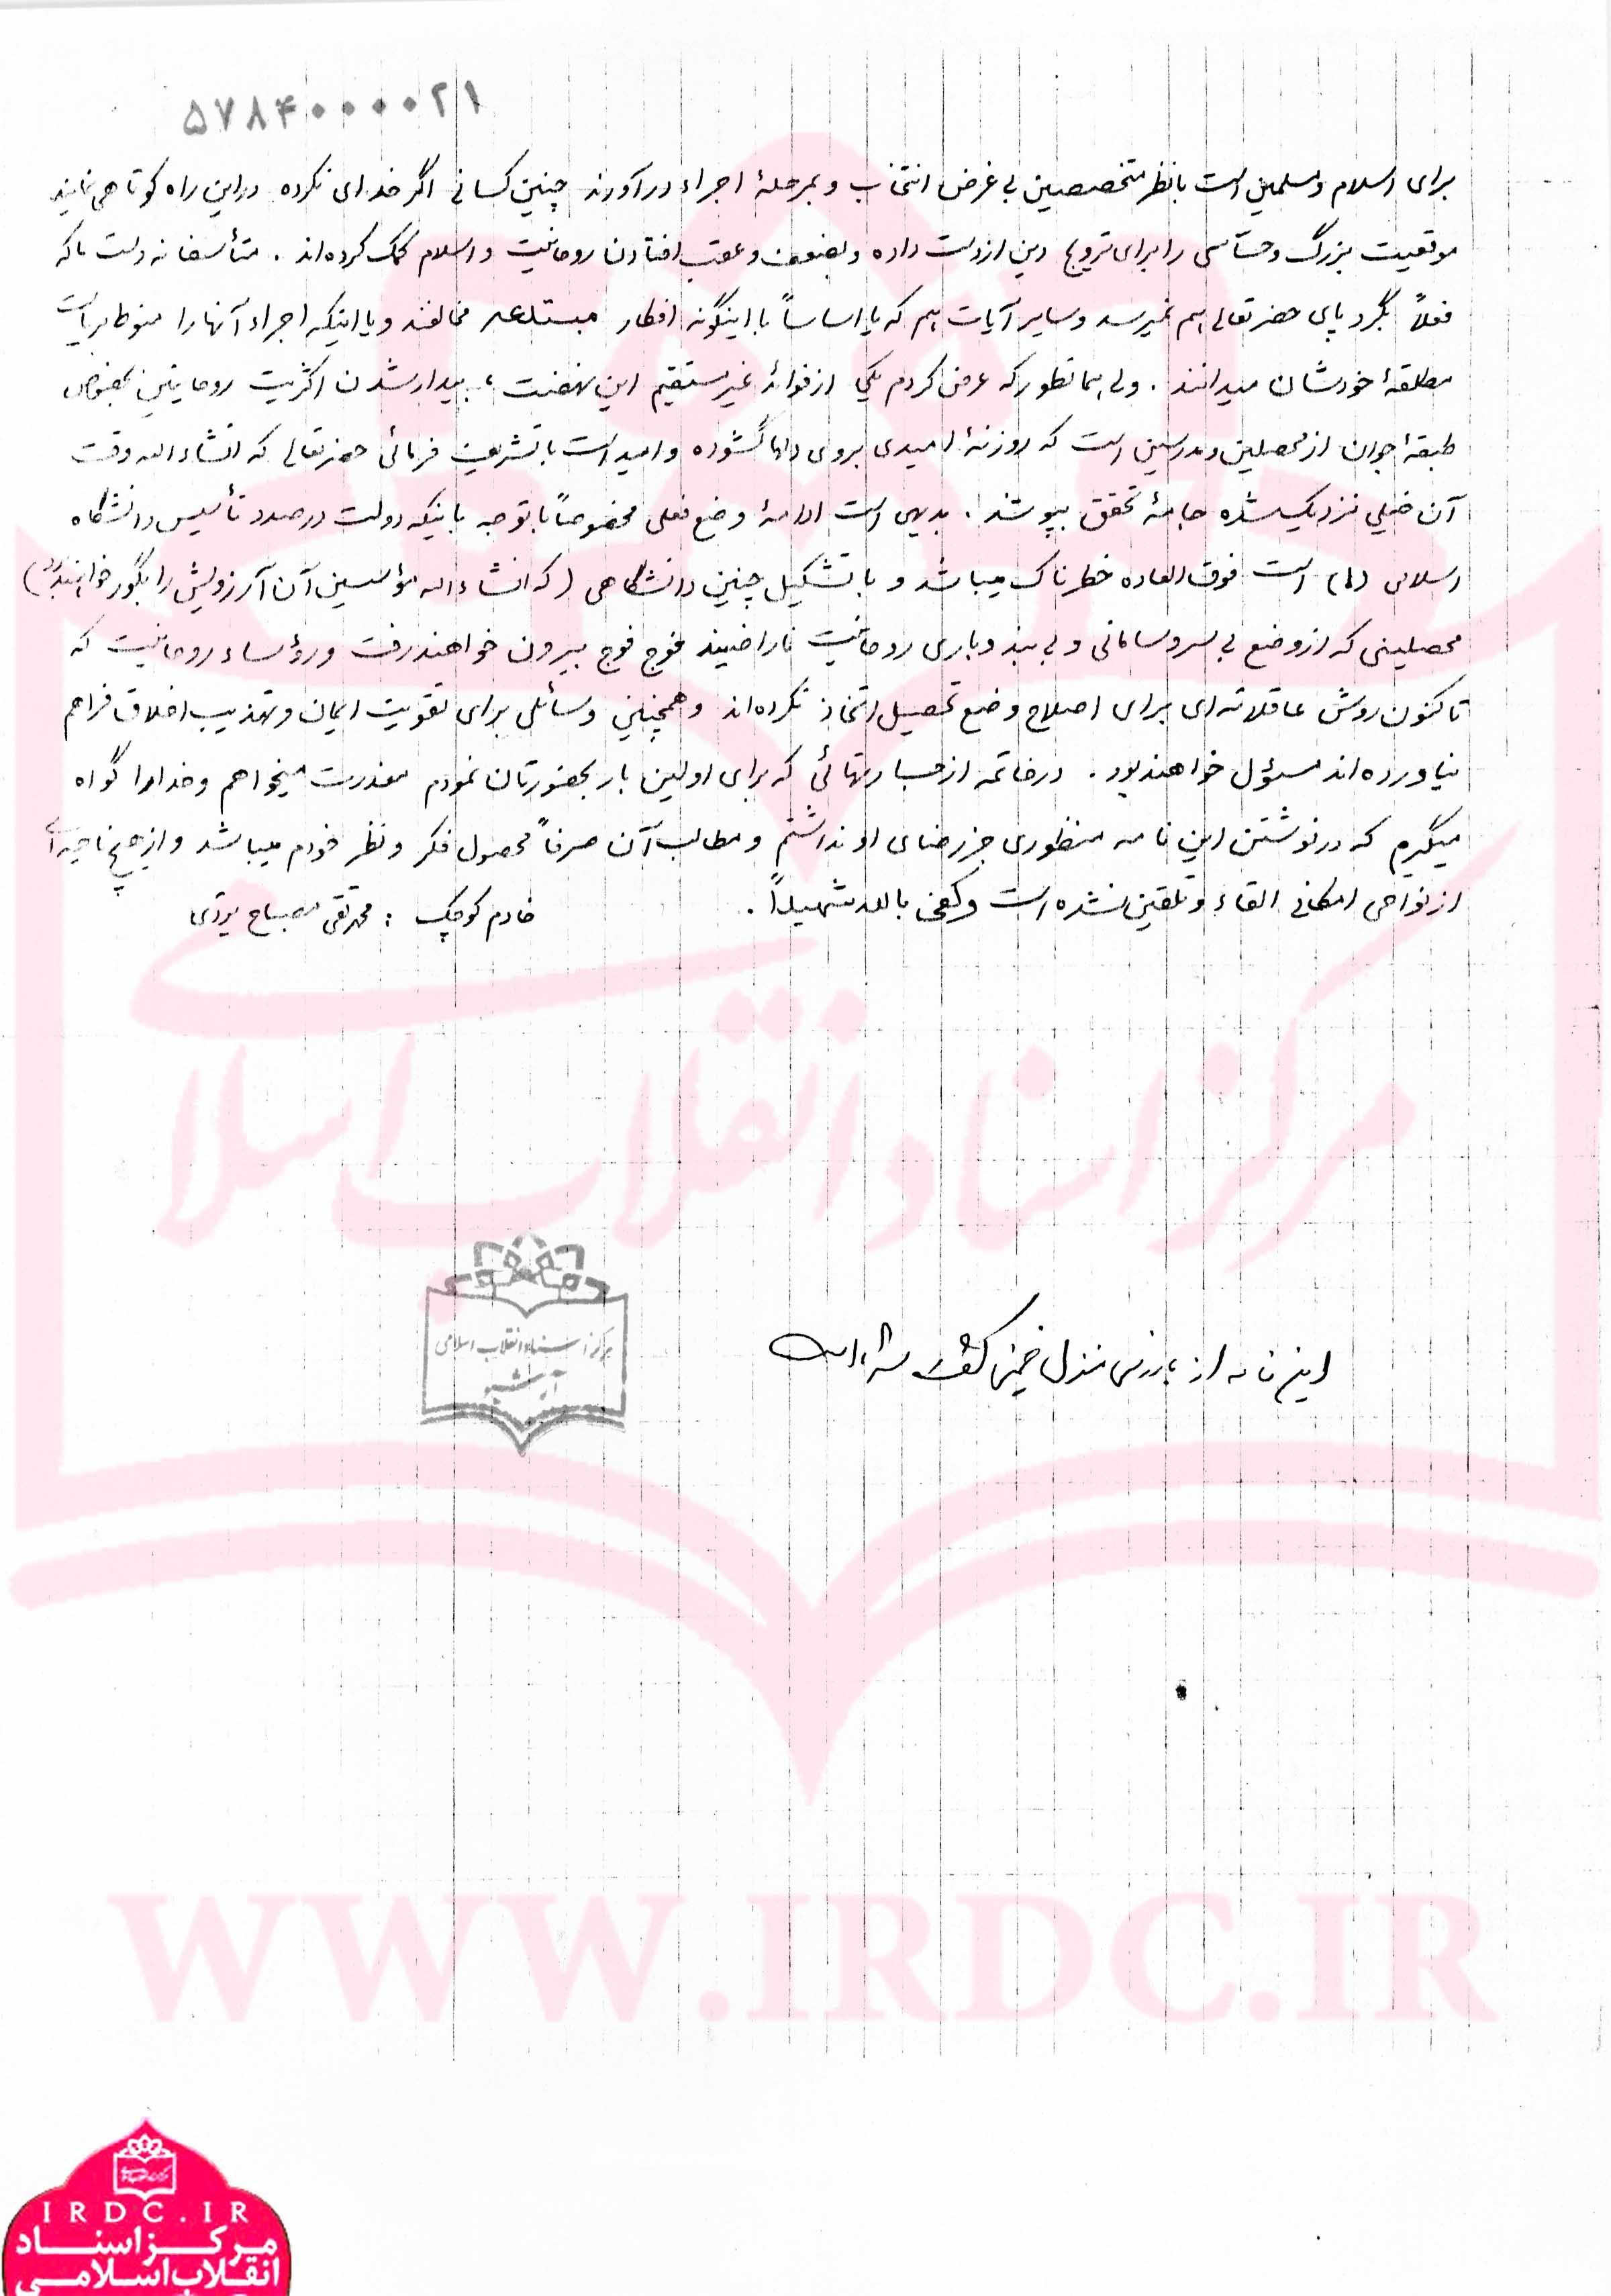 نامه دست نویس آیت الله مصباح یزدی به امام خمینی در دهه 40.jpg